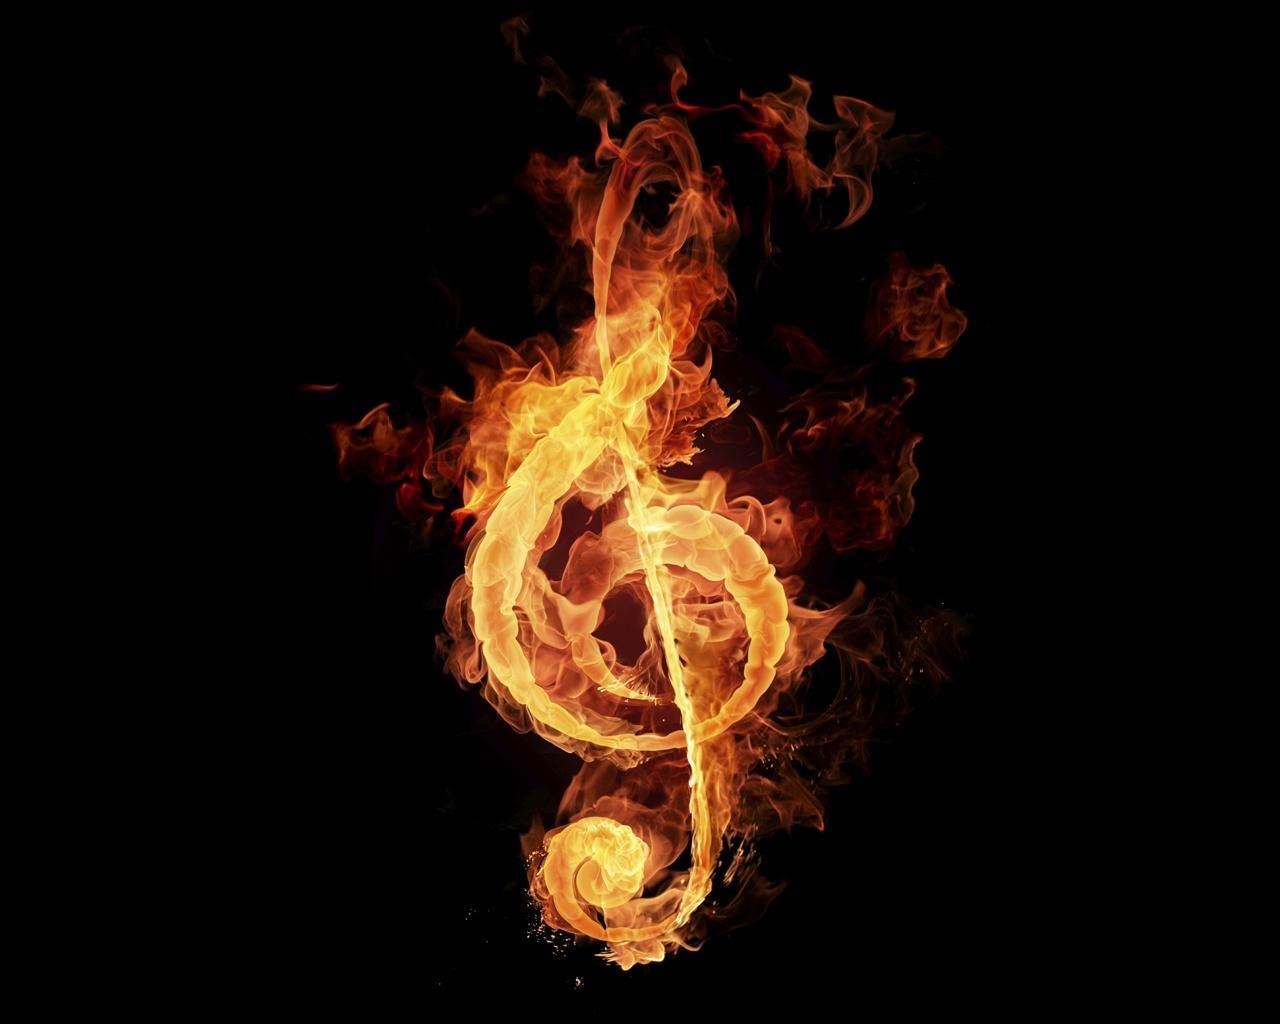 Musique durant le voyage : quelle musique écoutez-vous ?